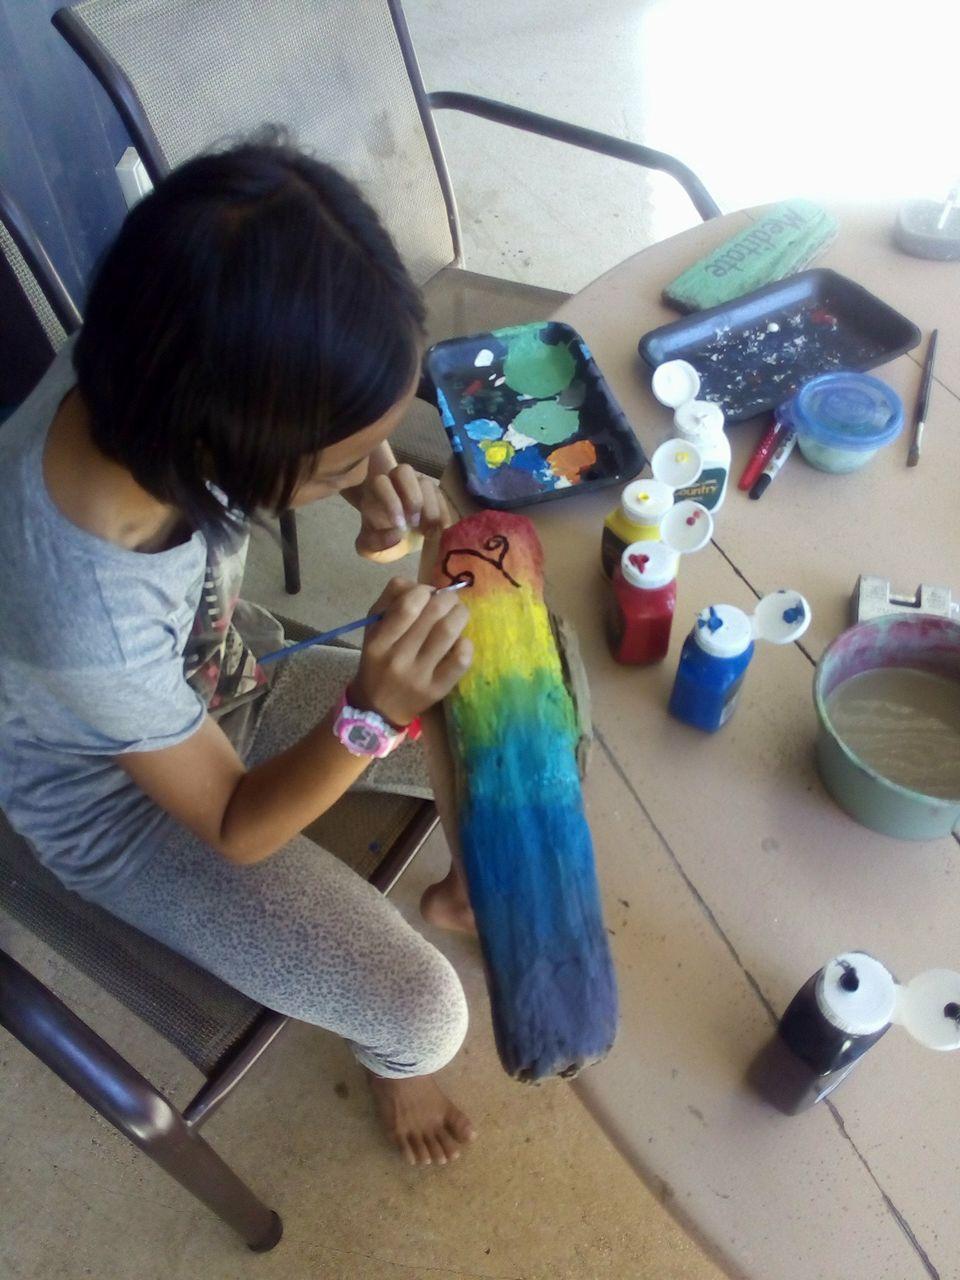 娘はアートが大好き!そこらへんのいろいろな素材で、素敵なものをたくさん創り上げています。